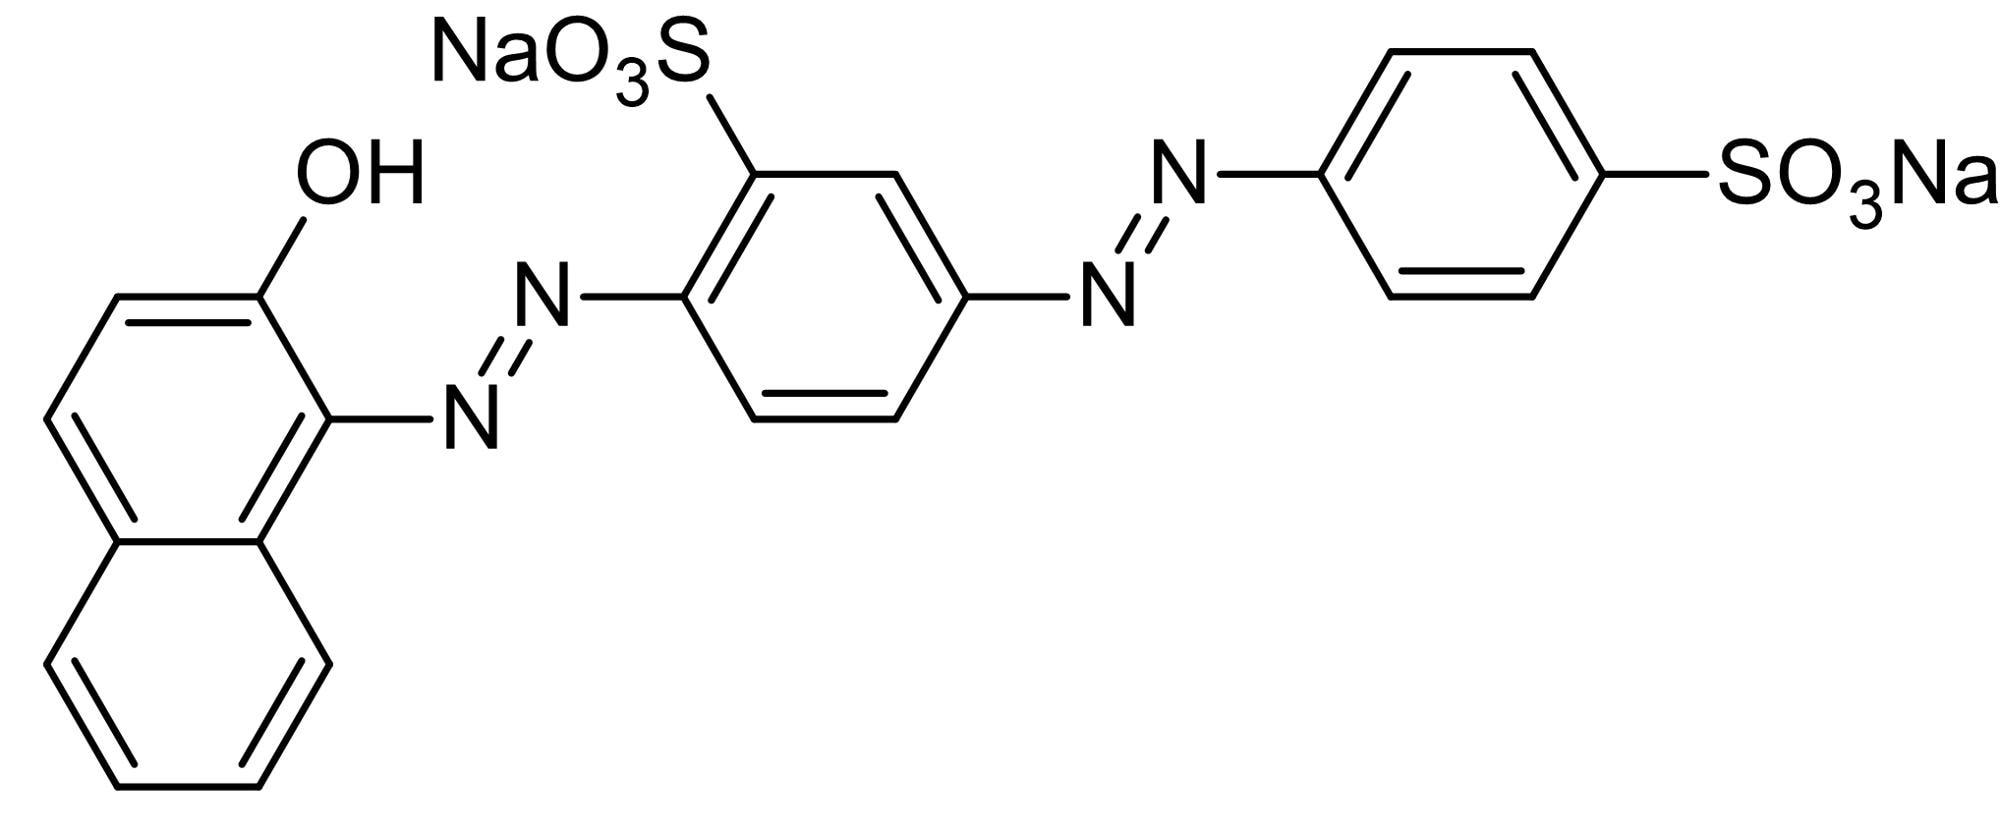 Chemical Structure - Biebrich scarlet, Azo organosulfur dye (ab146312)